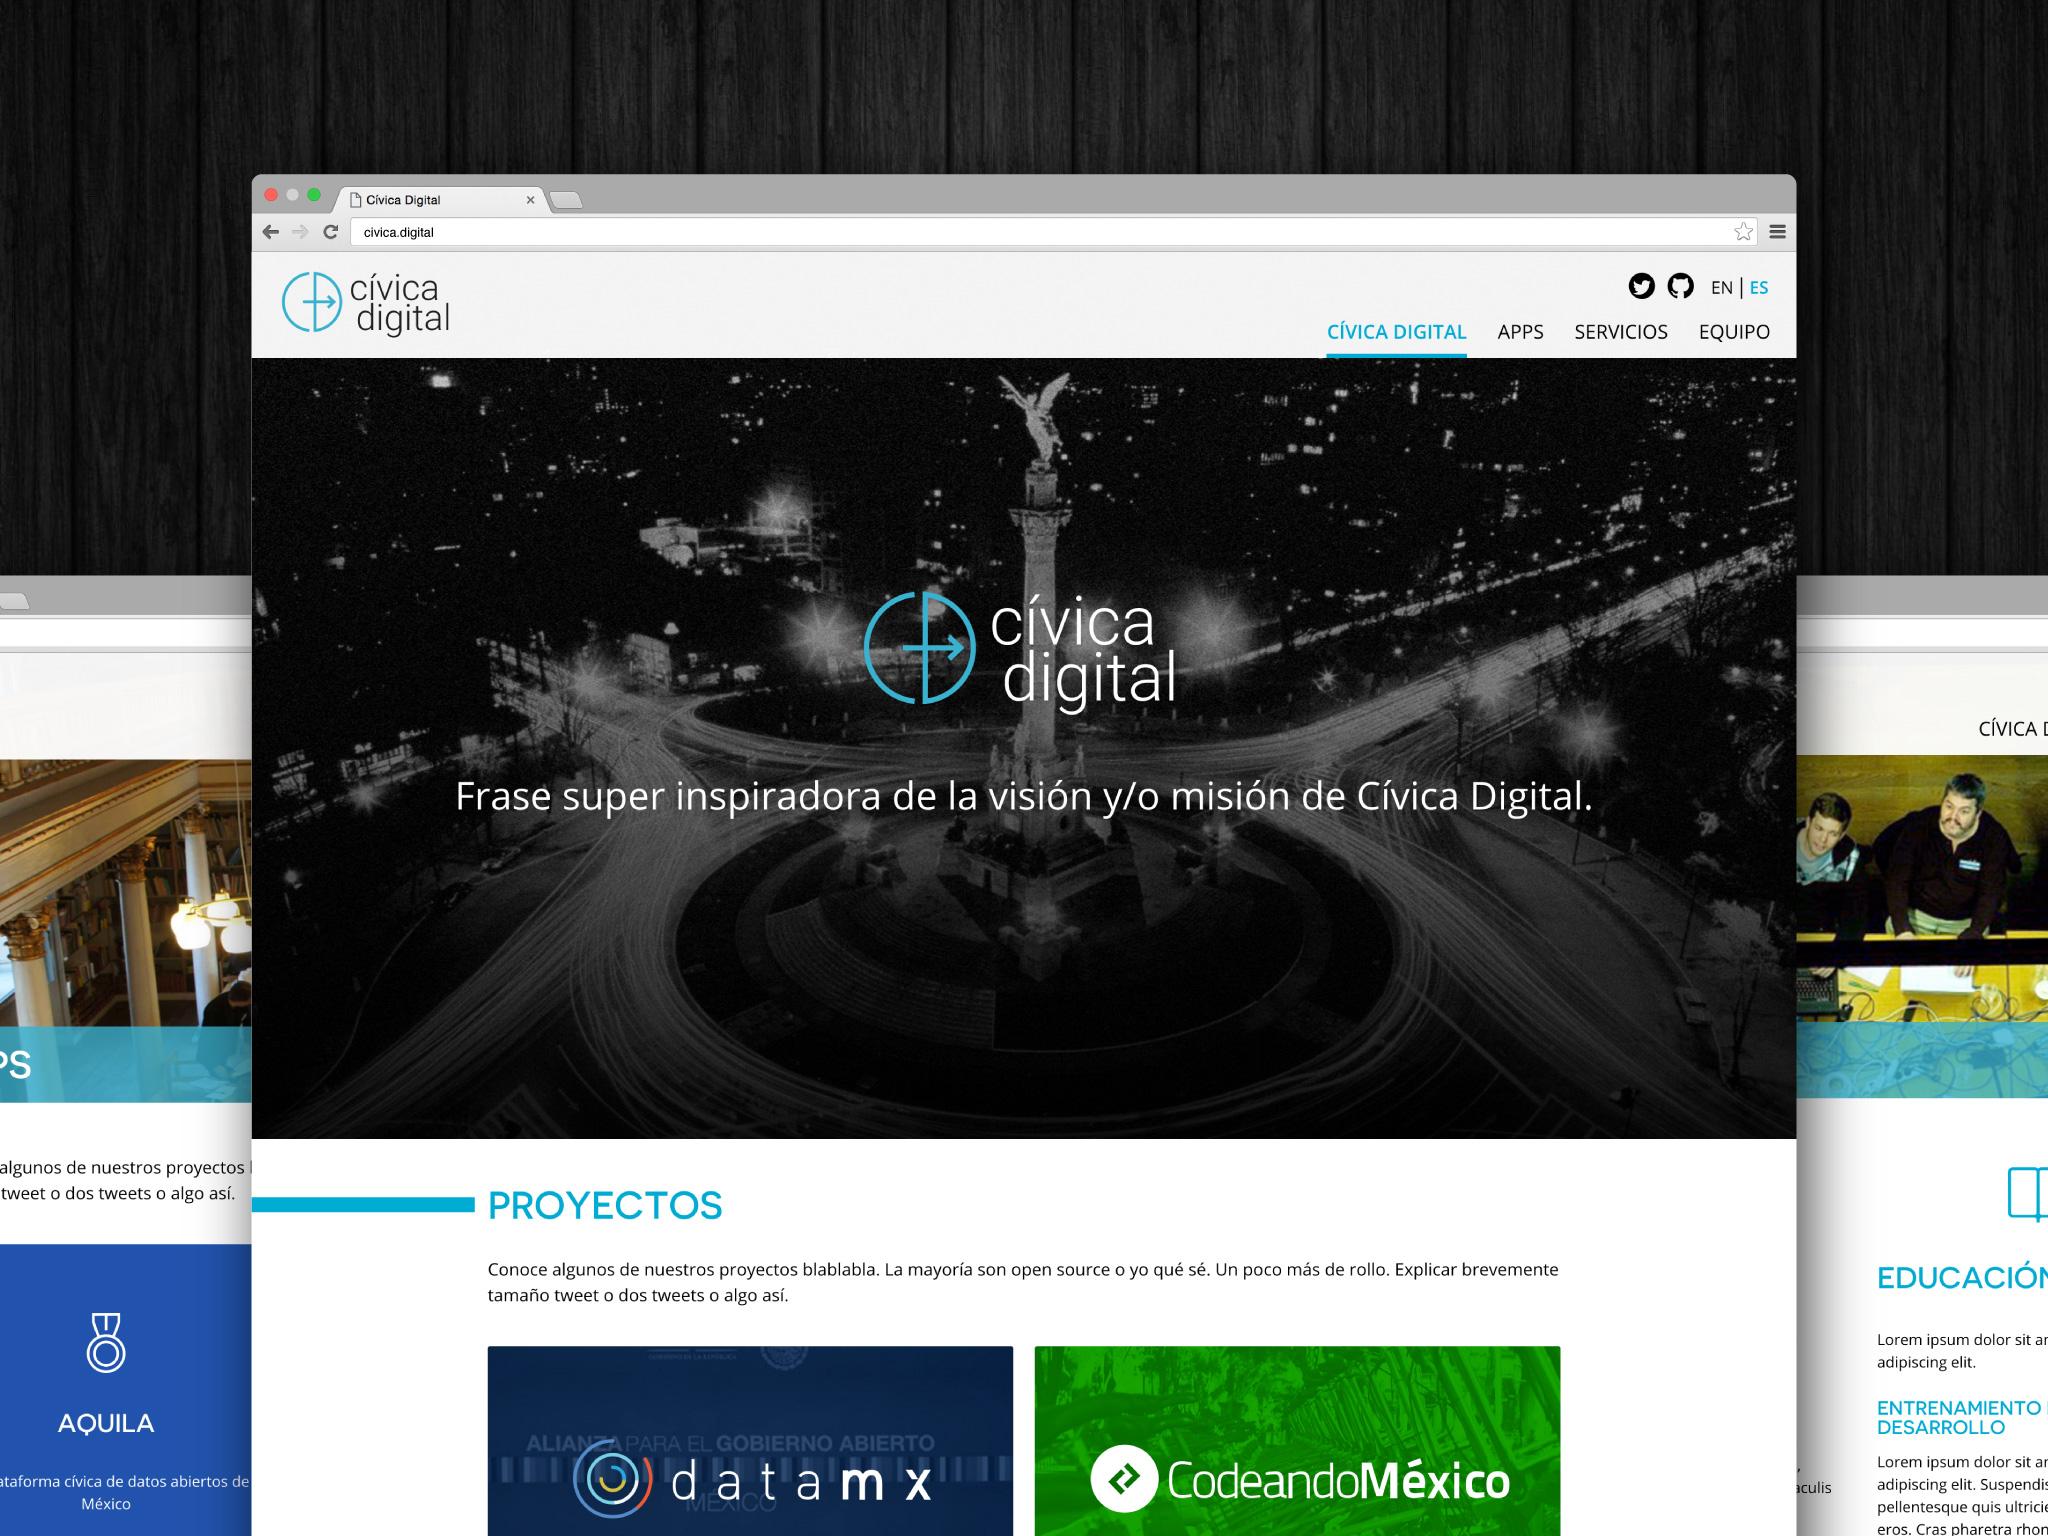 Cívica Digital website